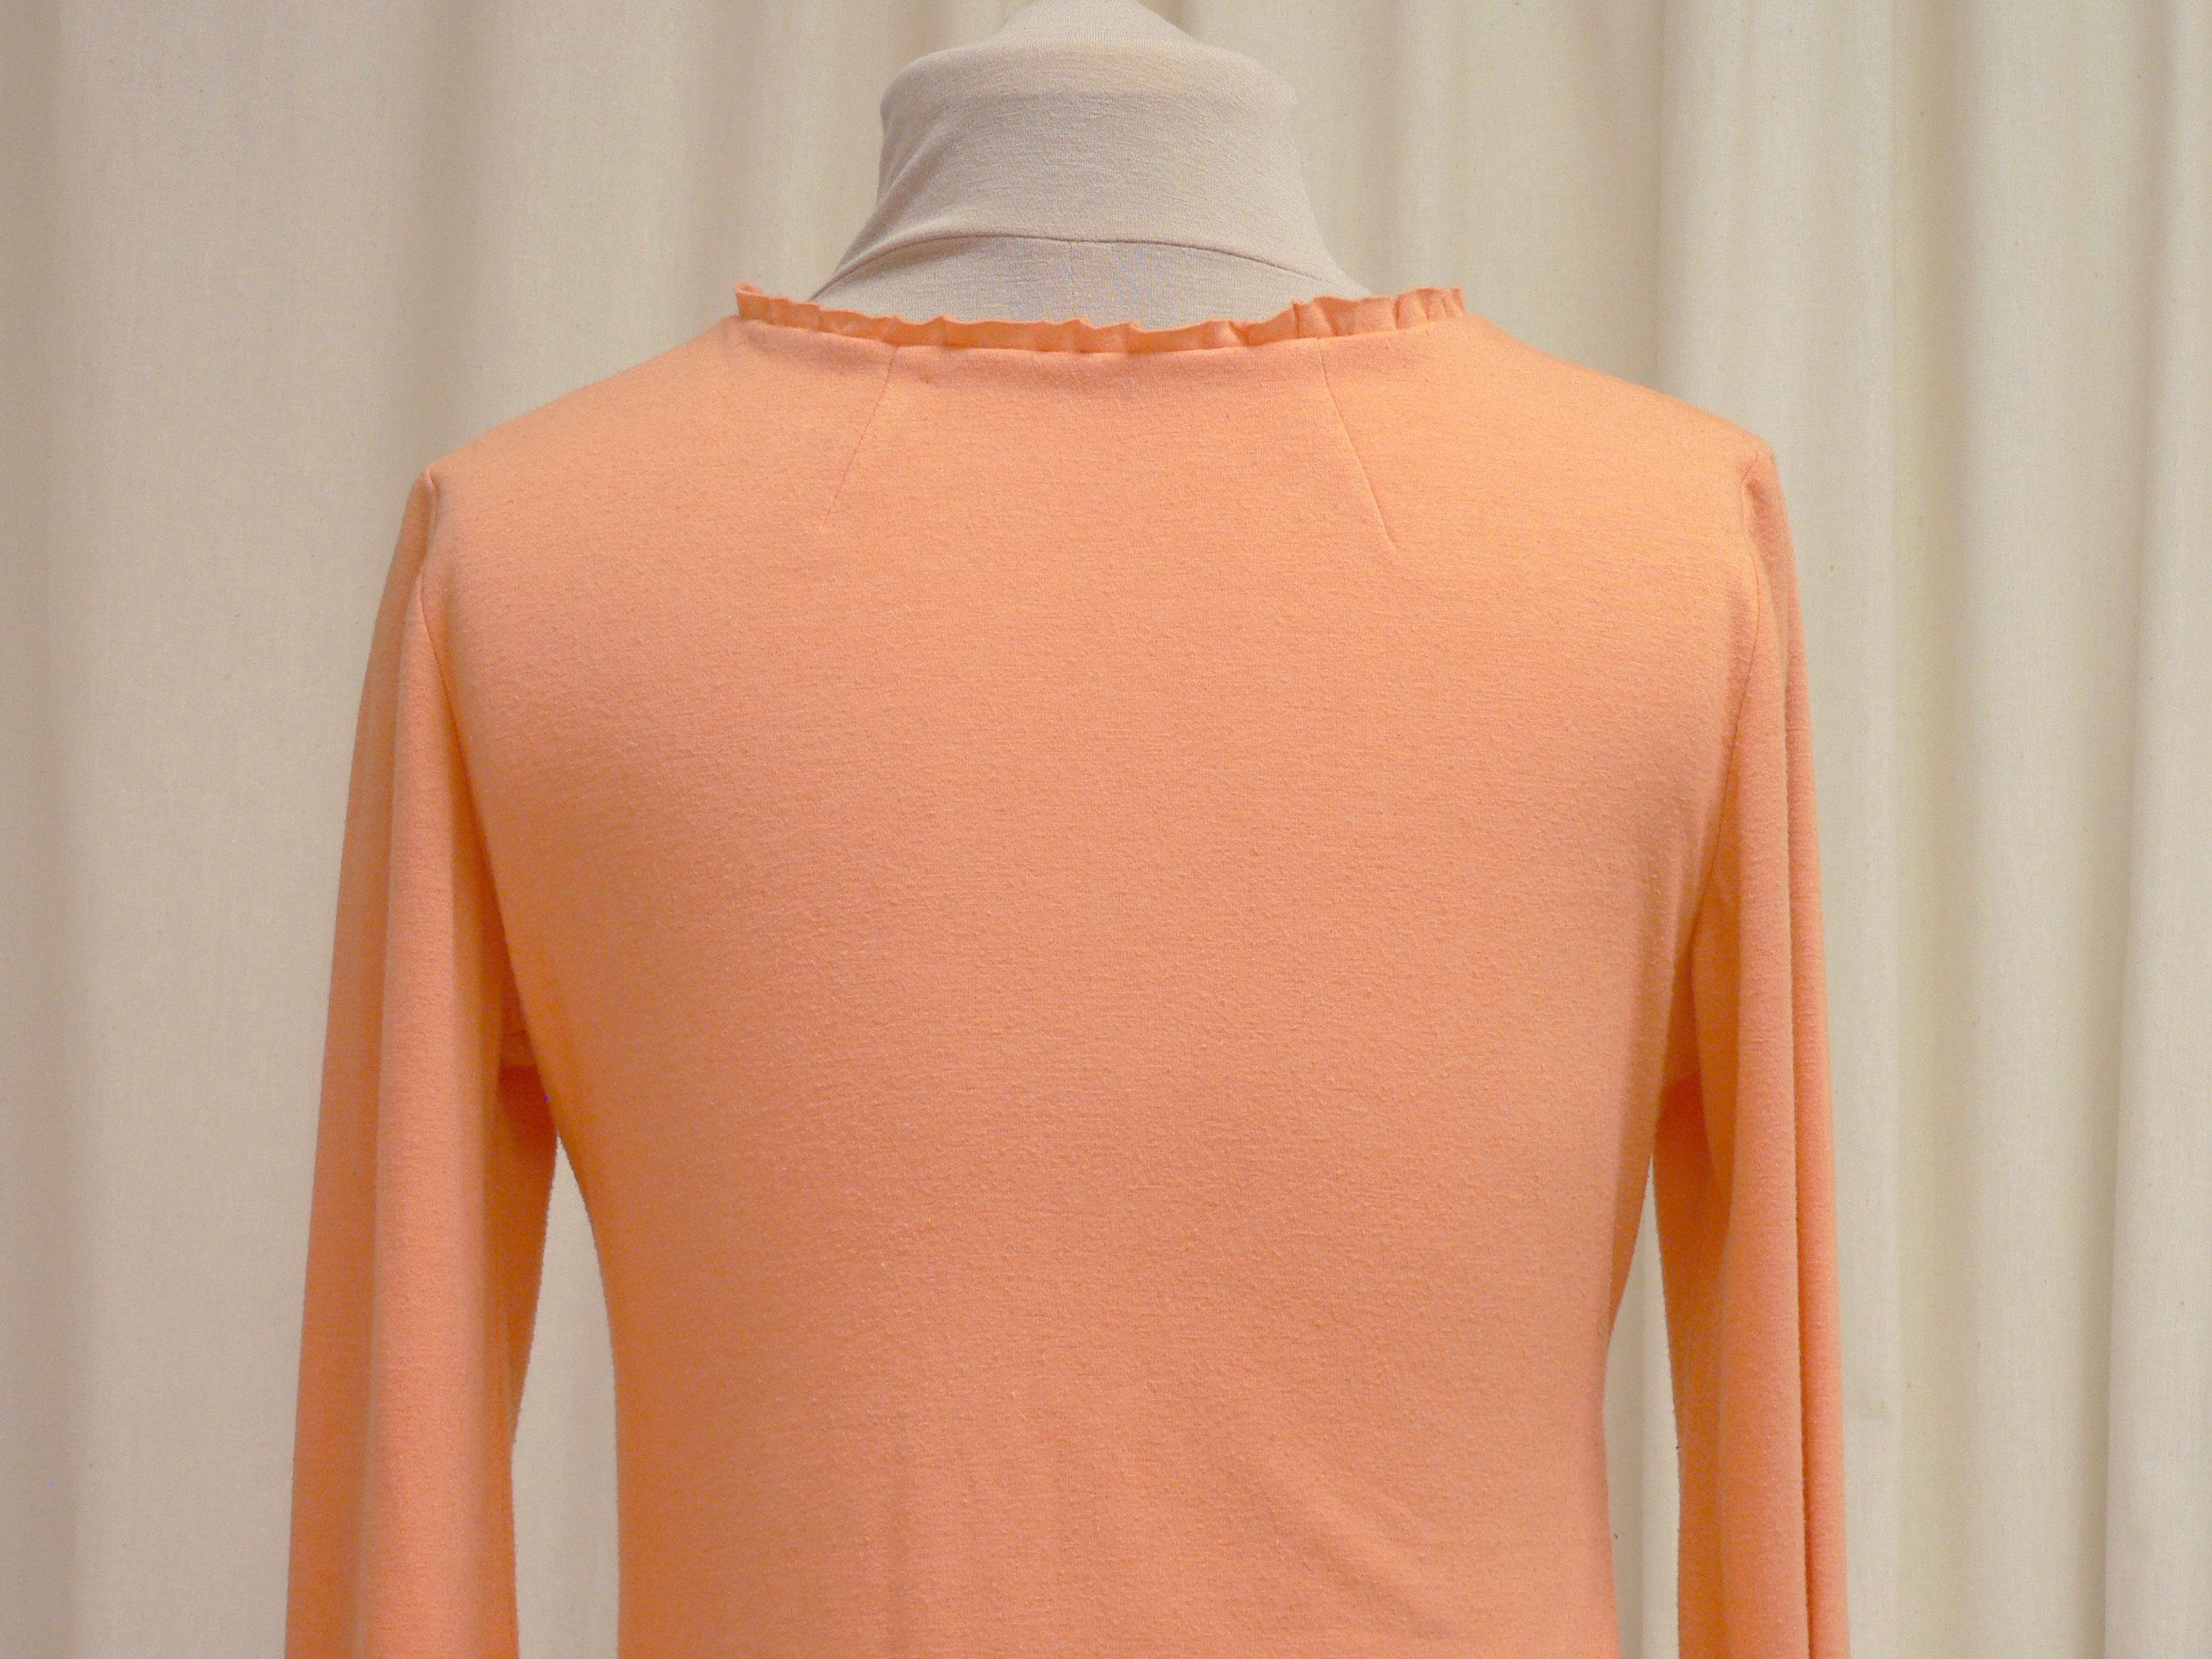 blouse_o3_back_detail.jpg